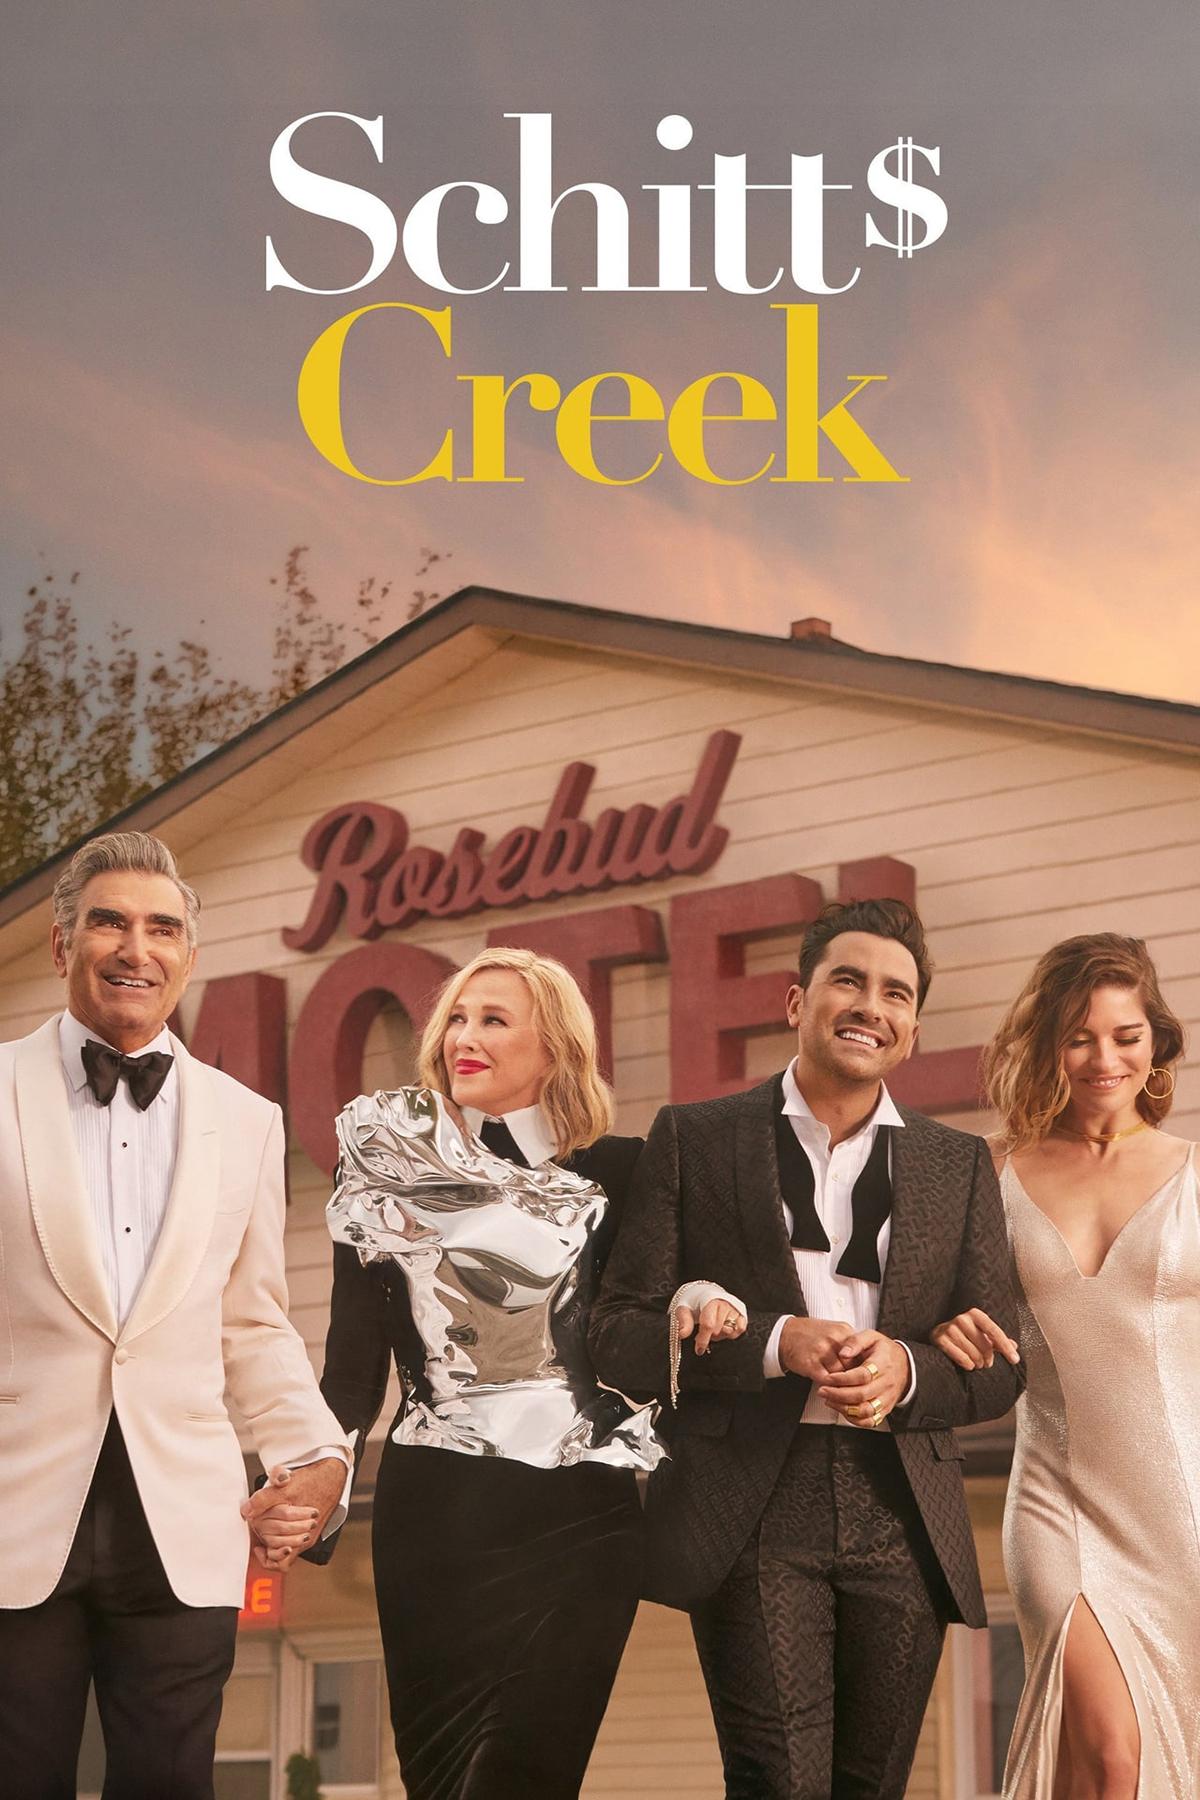 Schitt'$ Creek. Courtesy of IMDB